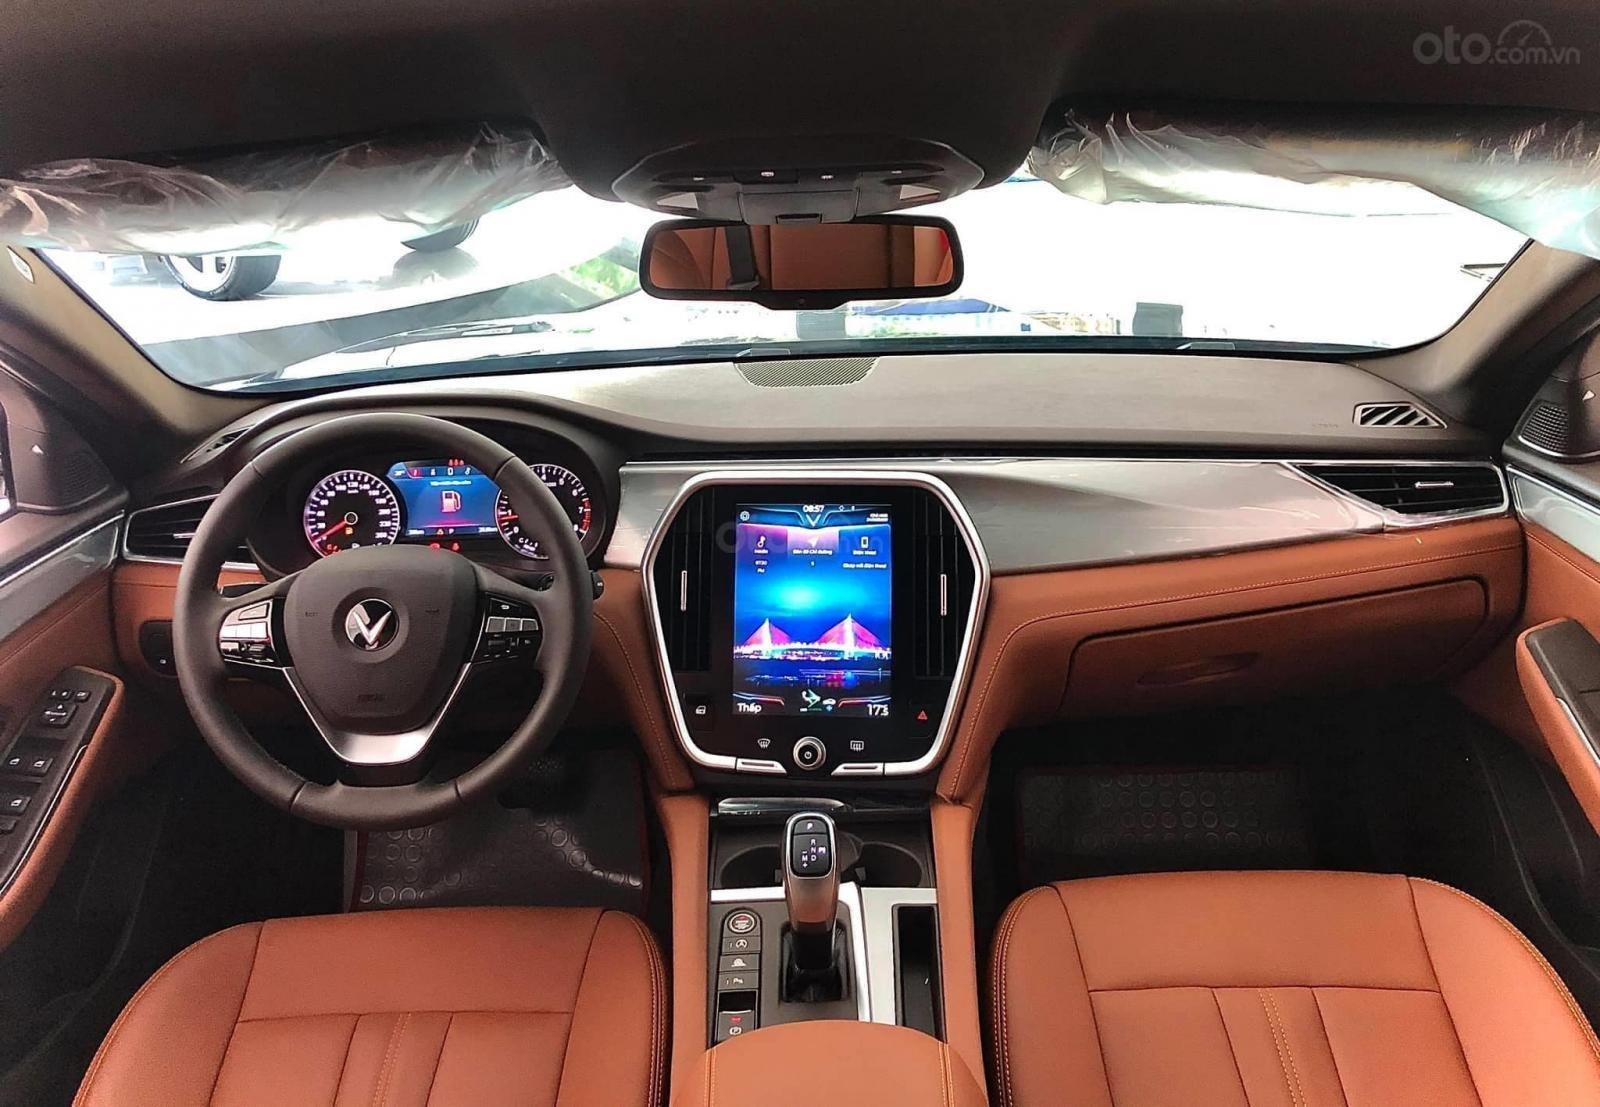 Vinfast Lux A xe 2020 - vay 80% giá xe - vay 2 năm không lãi suất - hỗ trợ chứng minh thu nhập (4)